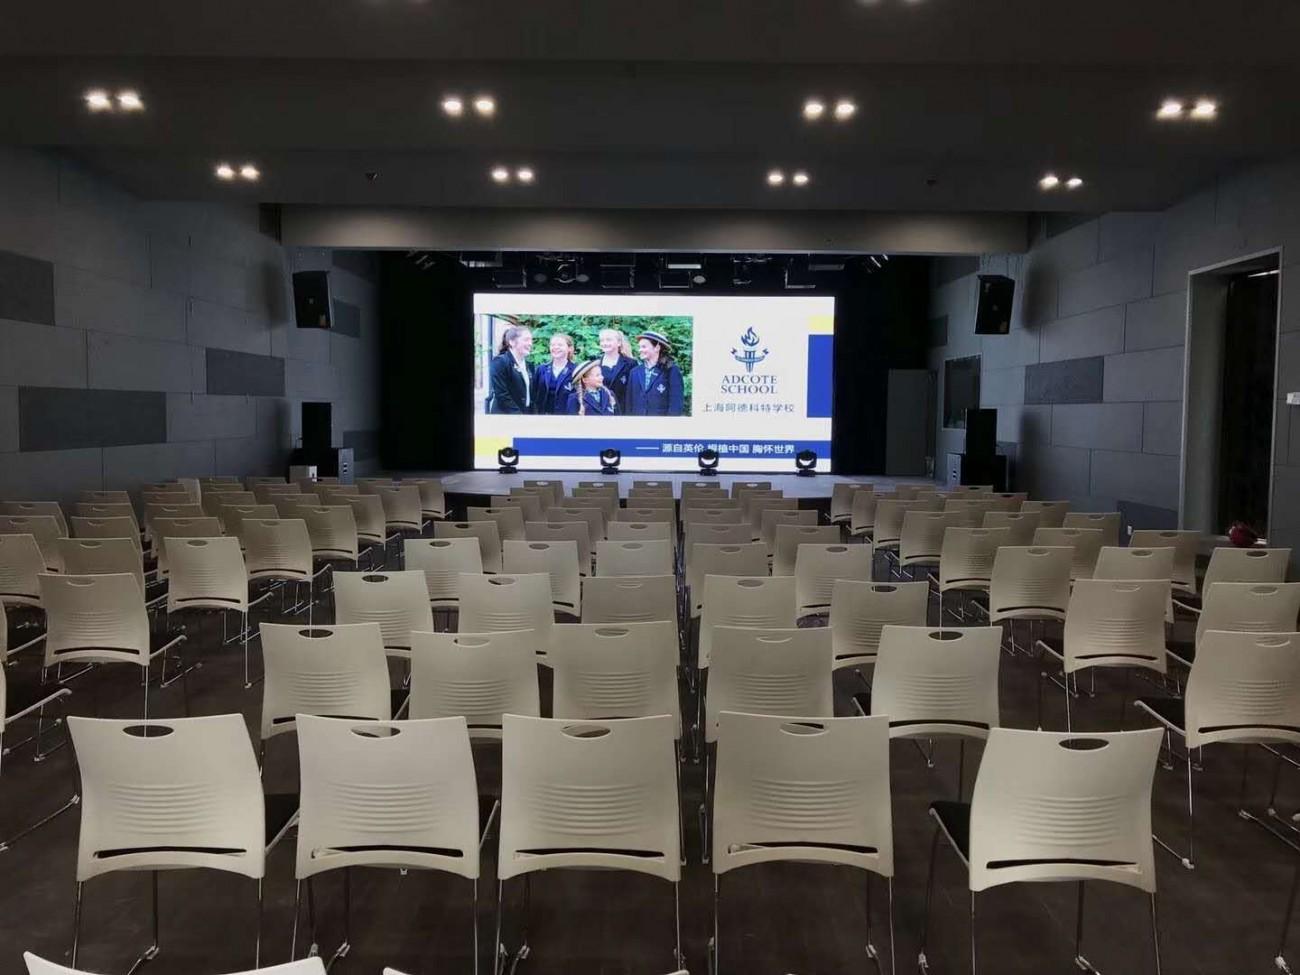 上海阿德歌特國際視頻多功廳選用美國kelek燈光系統溶解度學校化學實驗初中圖片